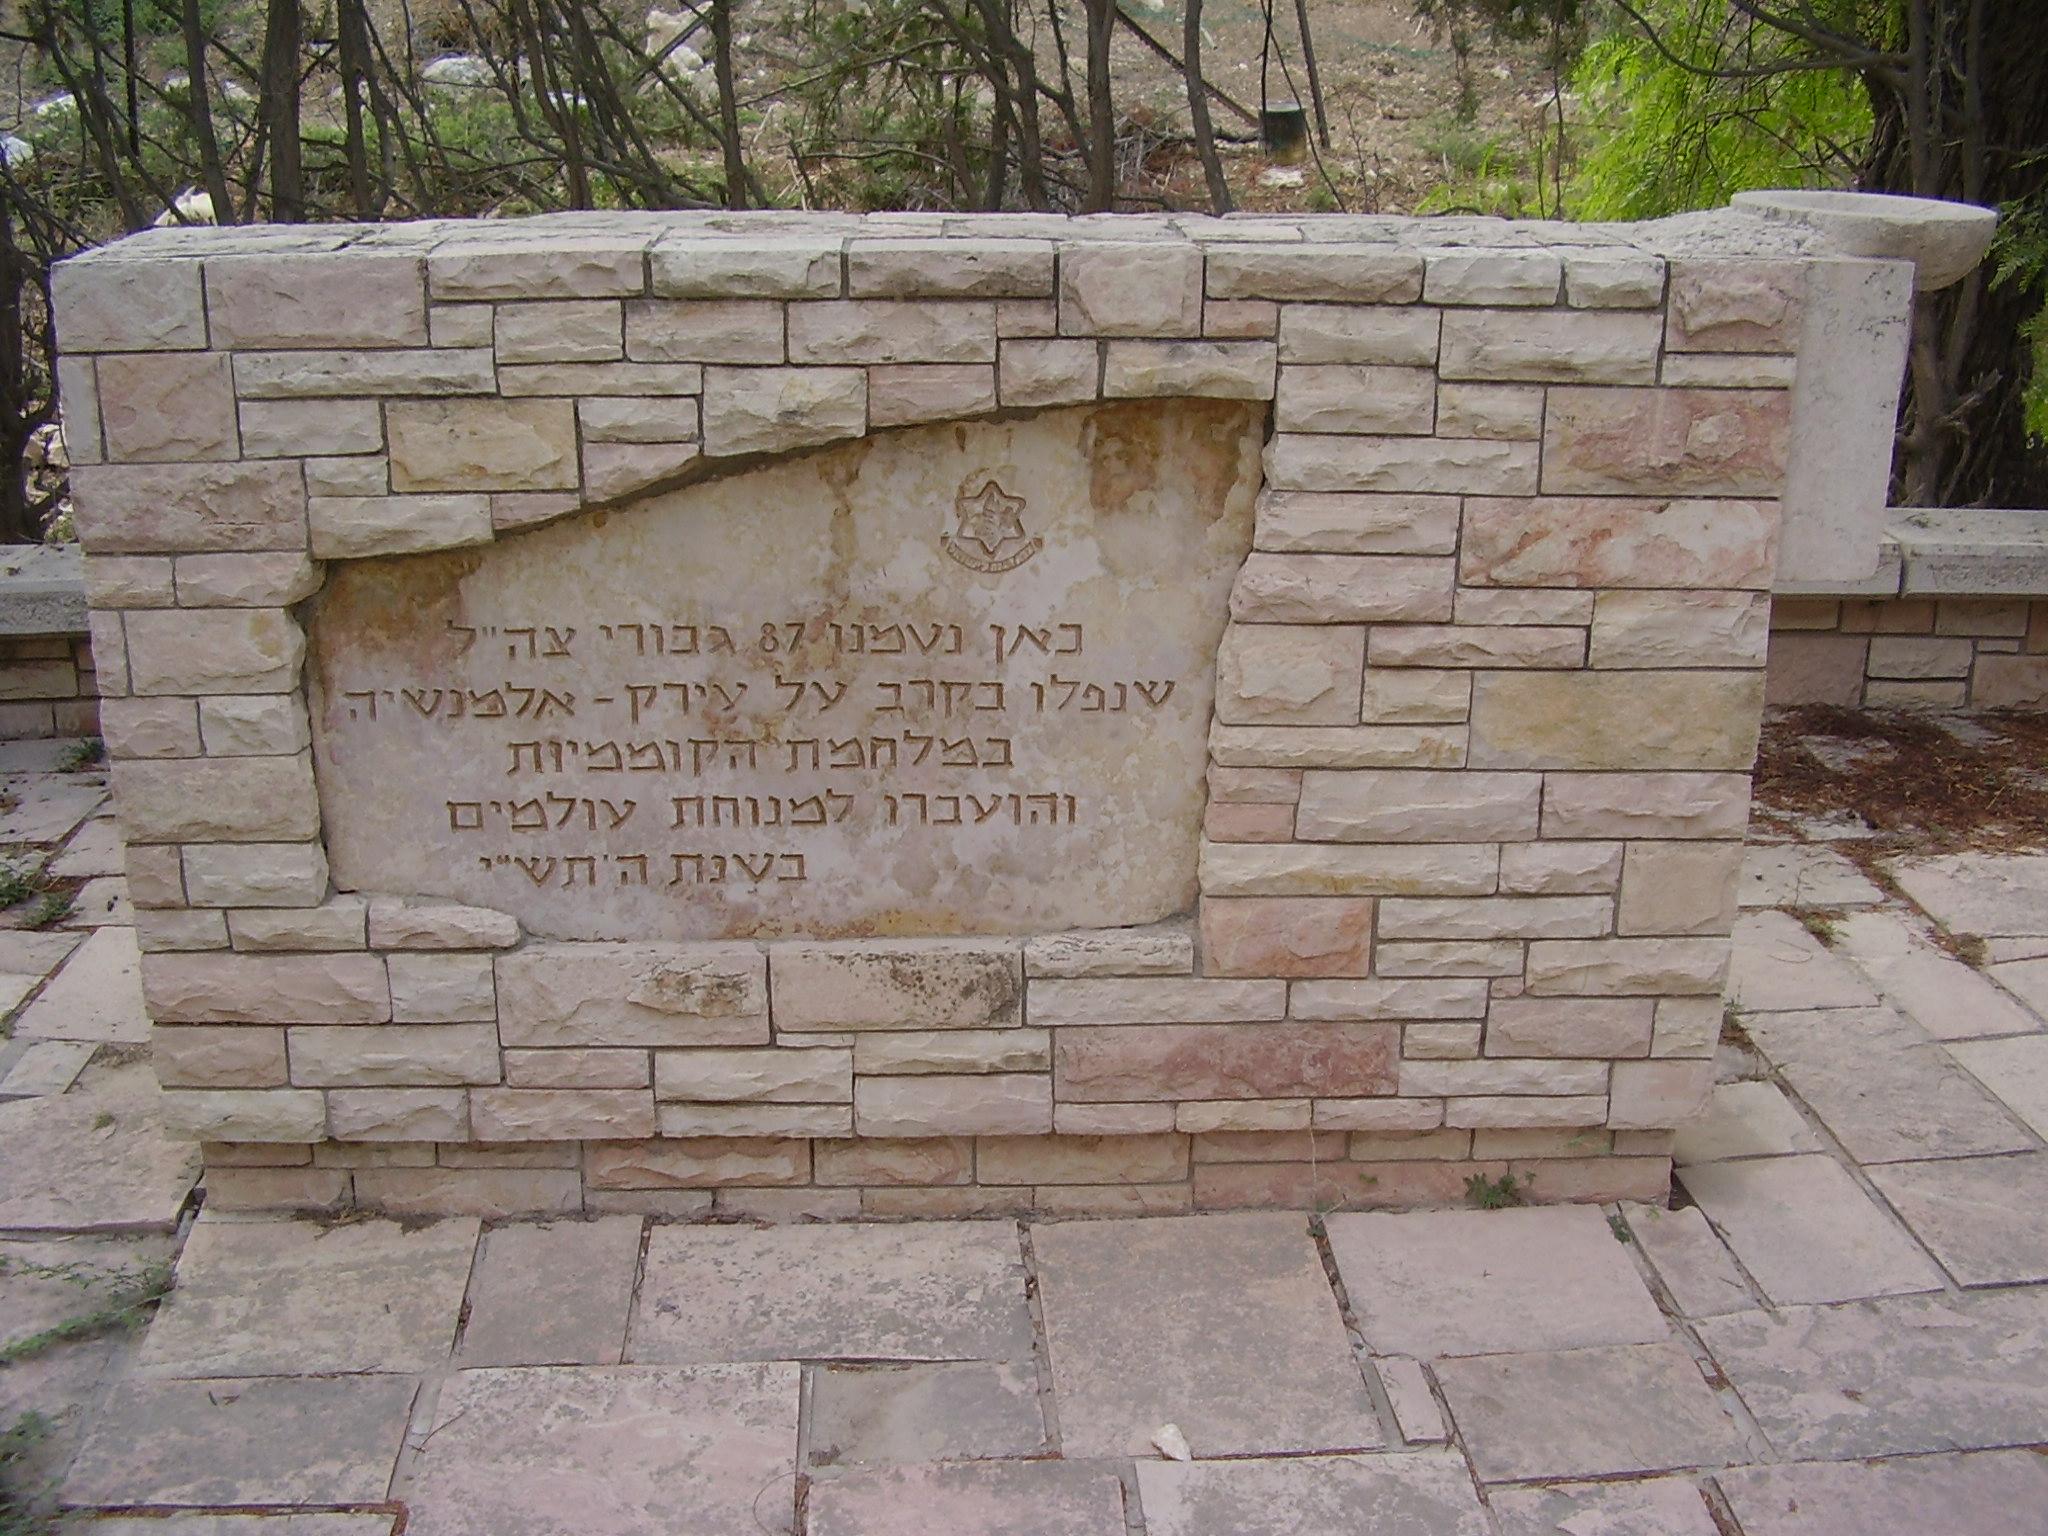 מקום קבר האחים של חללי חטיבת אלכסנדרוני בכיס פאלוג